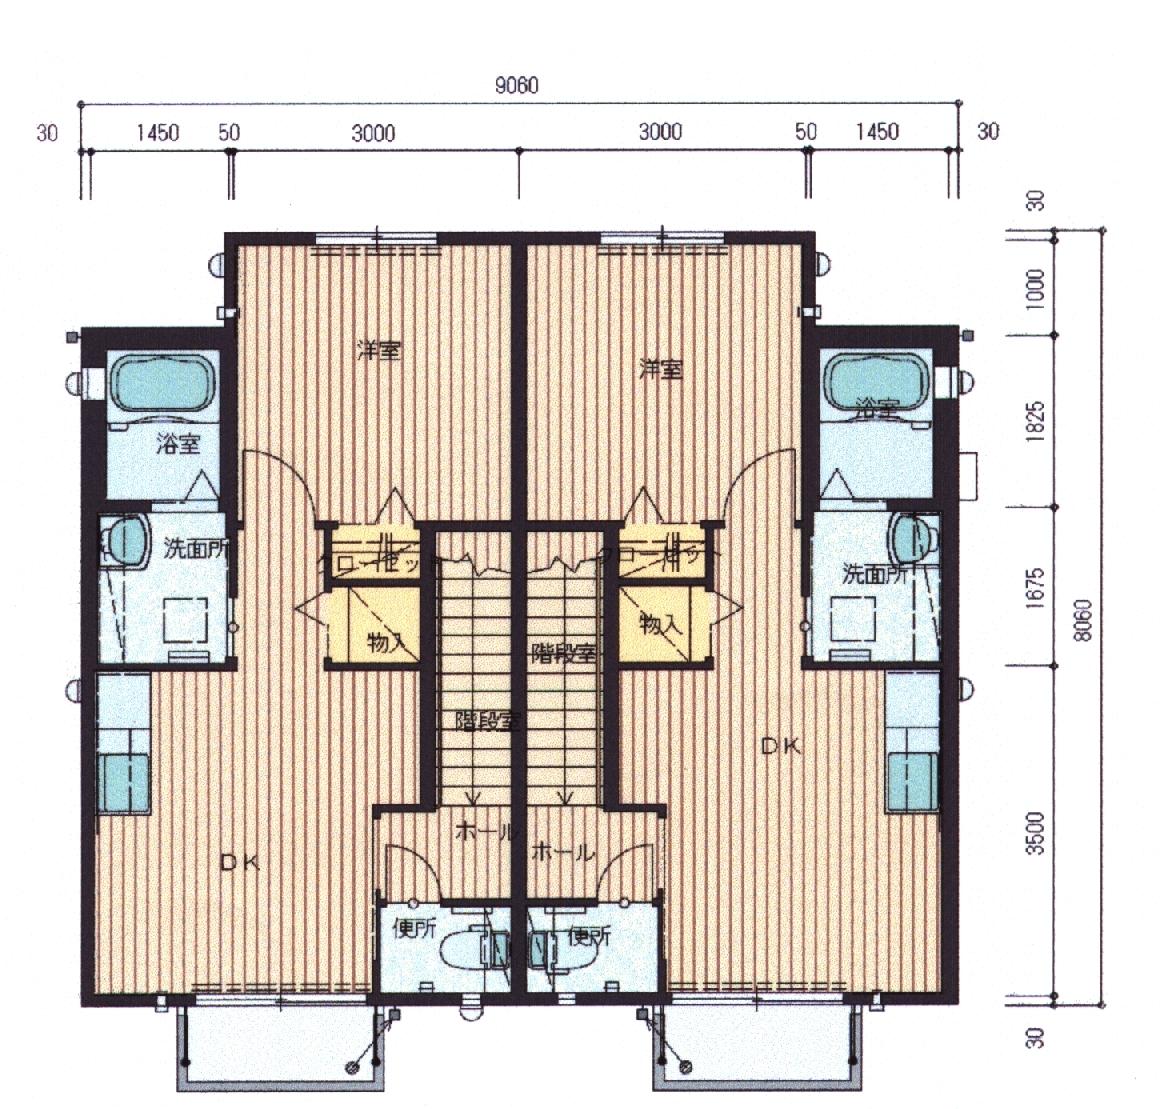 ラフォーレ2 201号室の間取り図